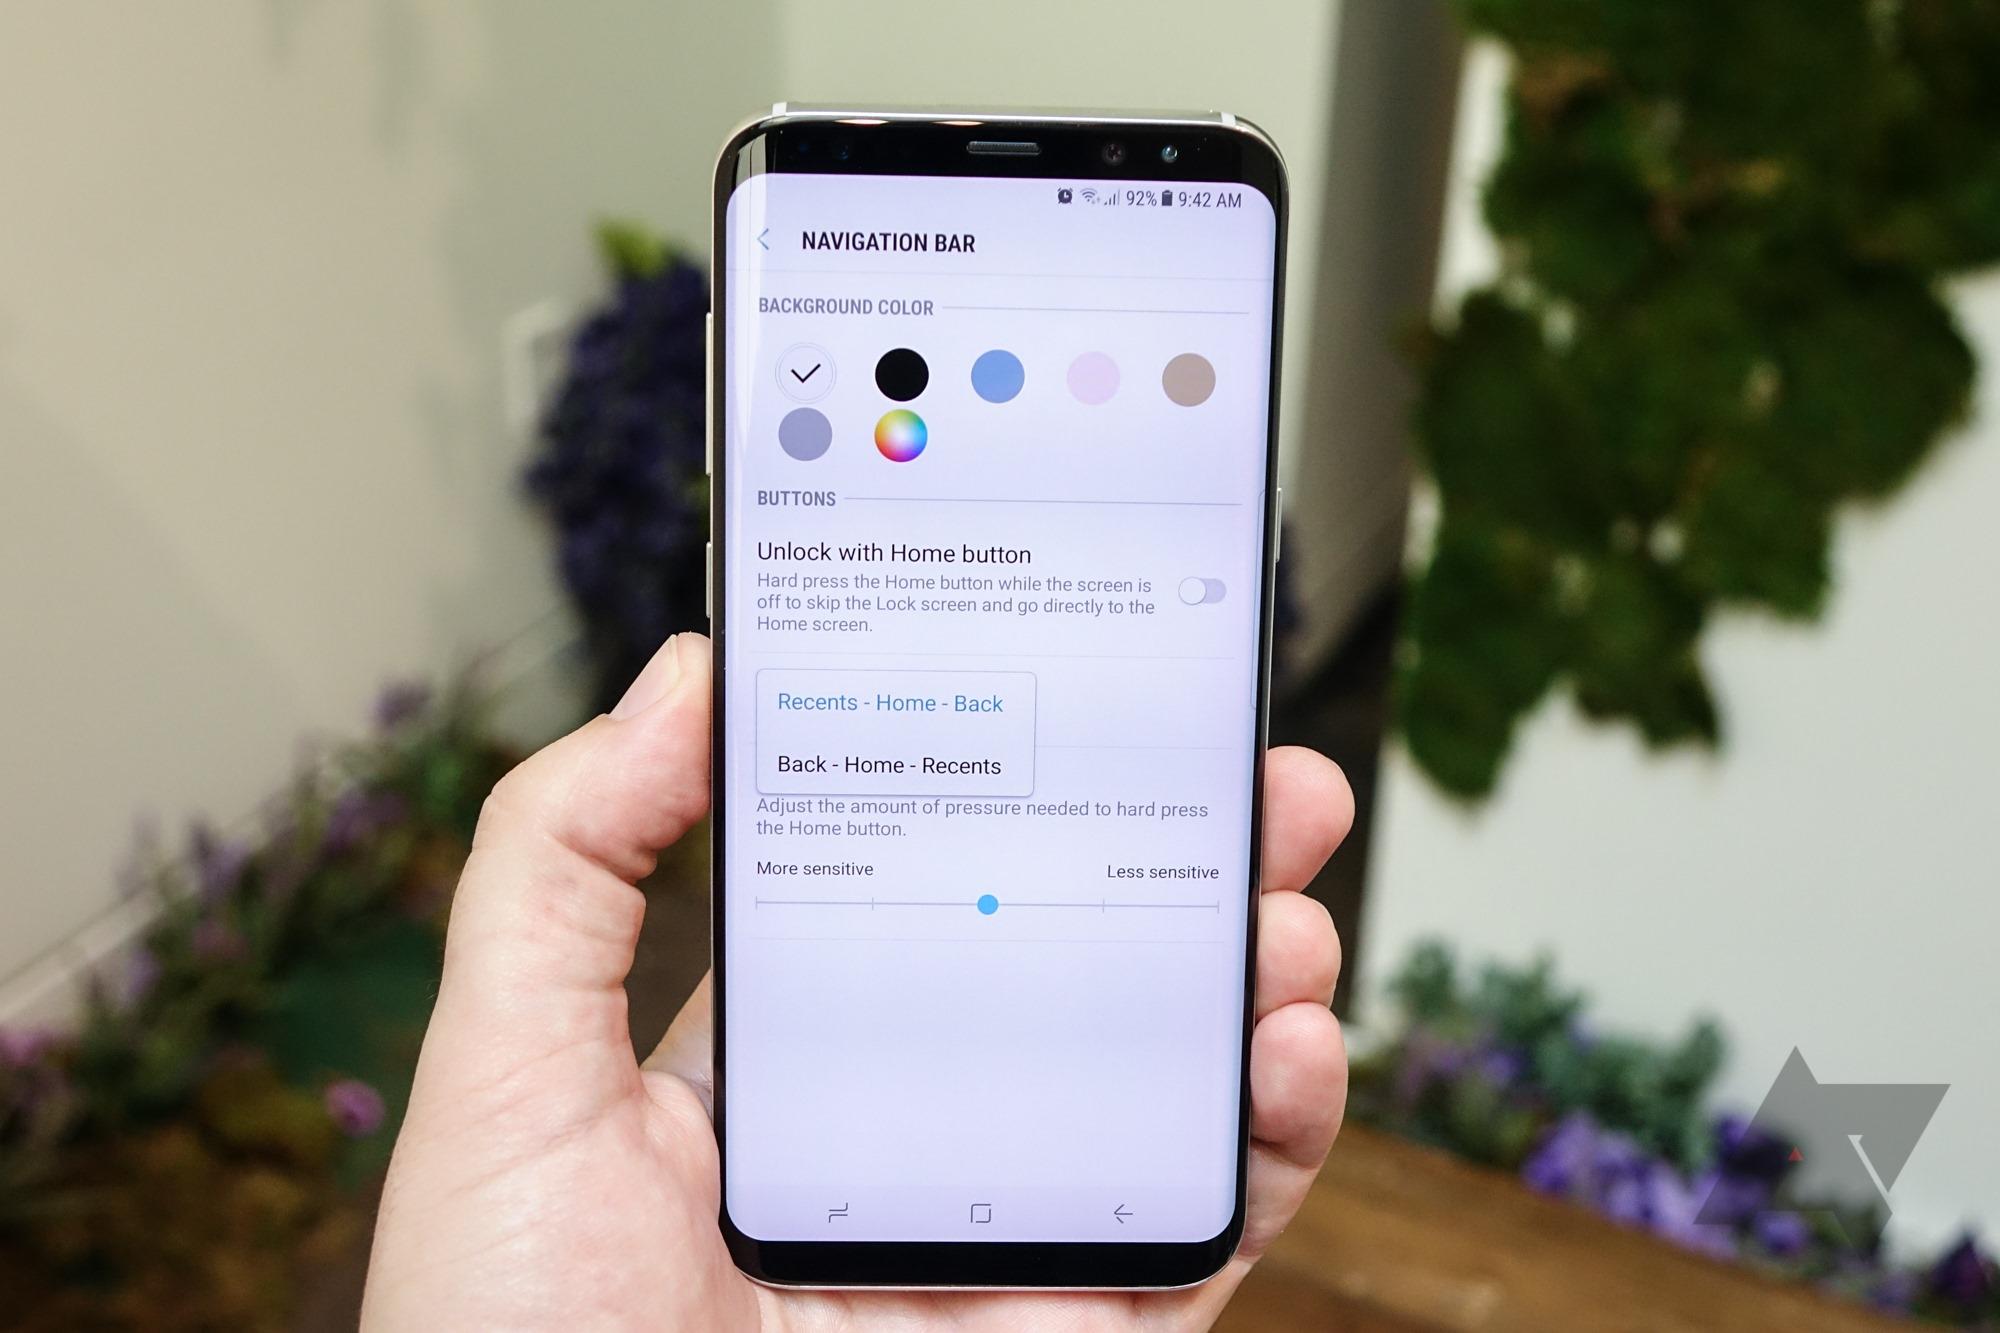 Samsung Galaxy S8 : bonne nouvelle, les touches de navigation sont ajustables